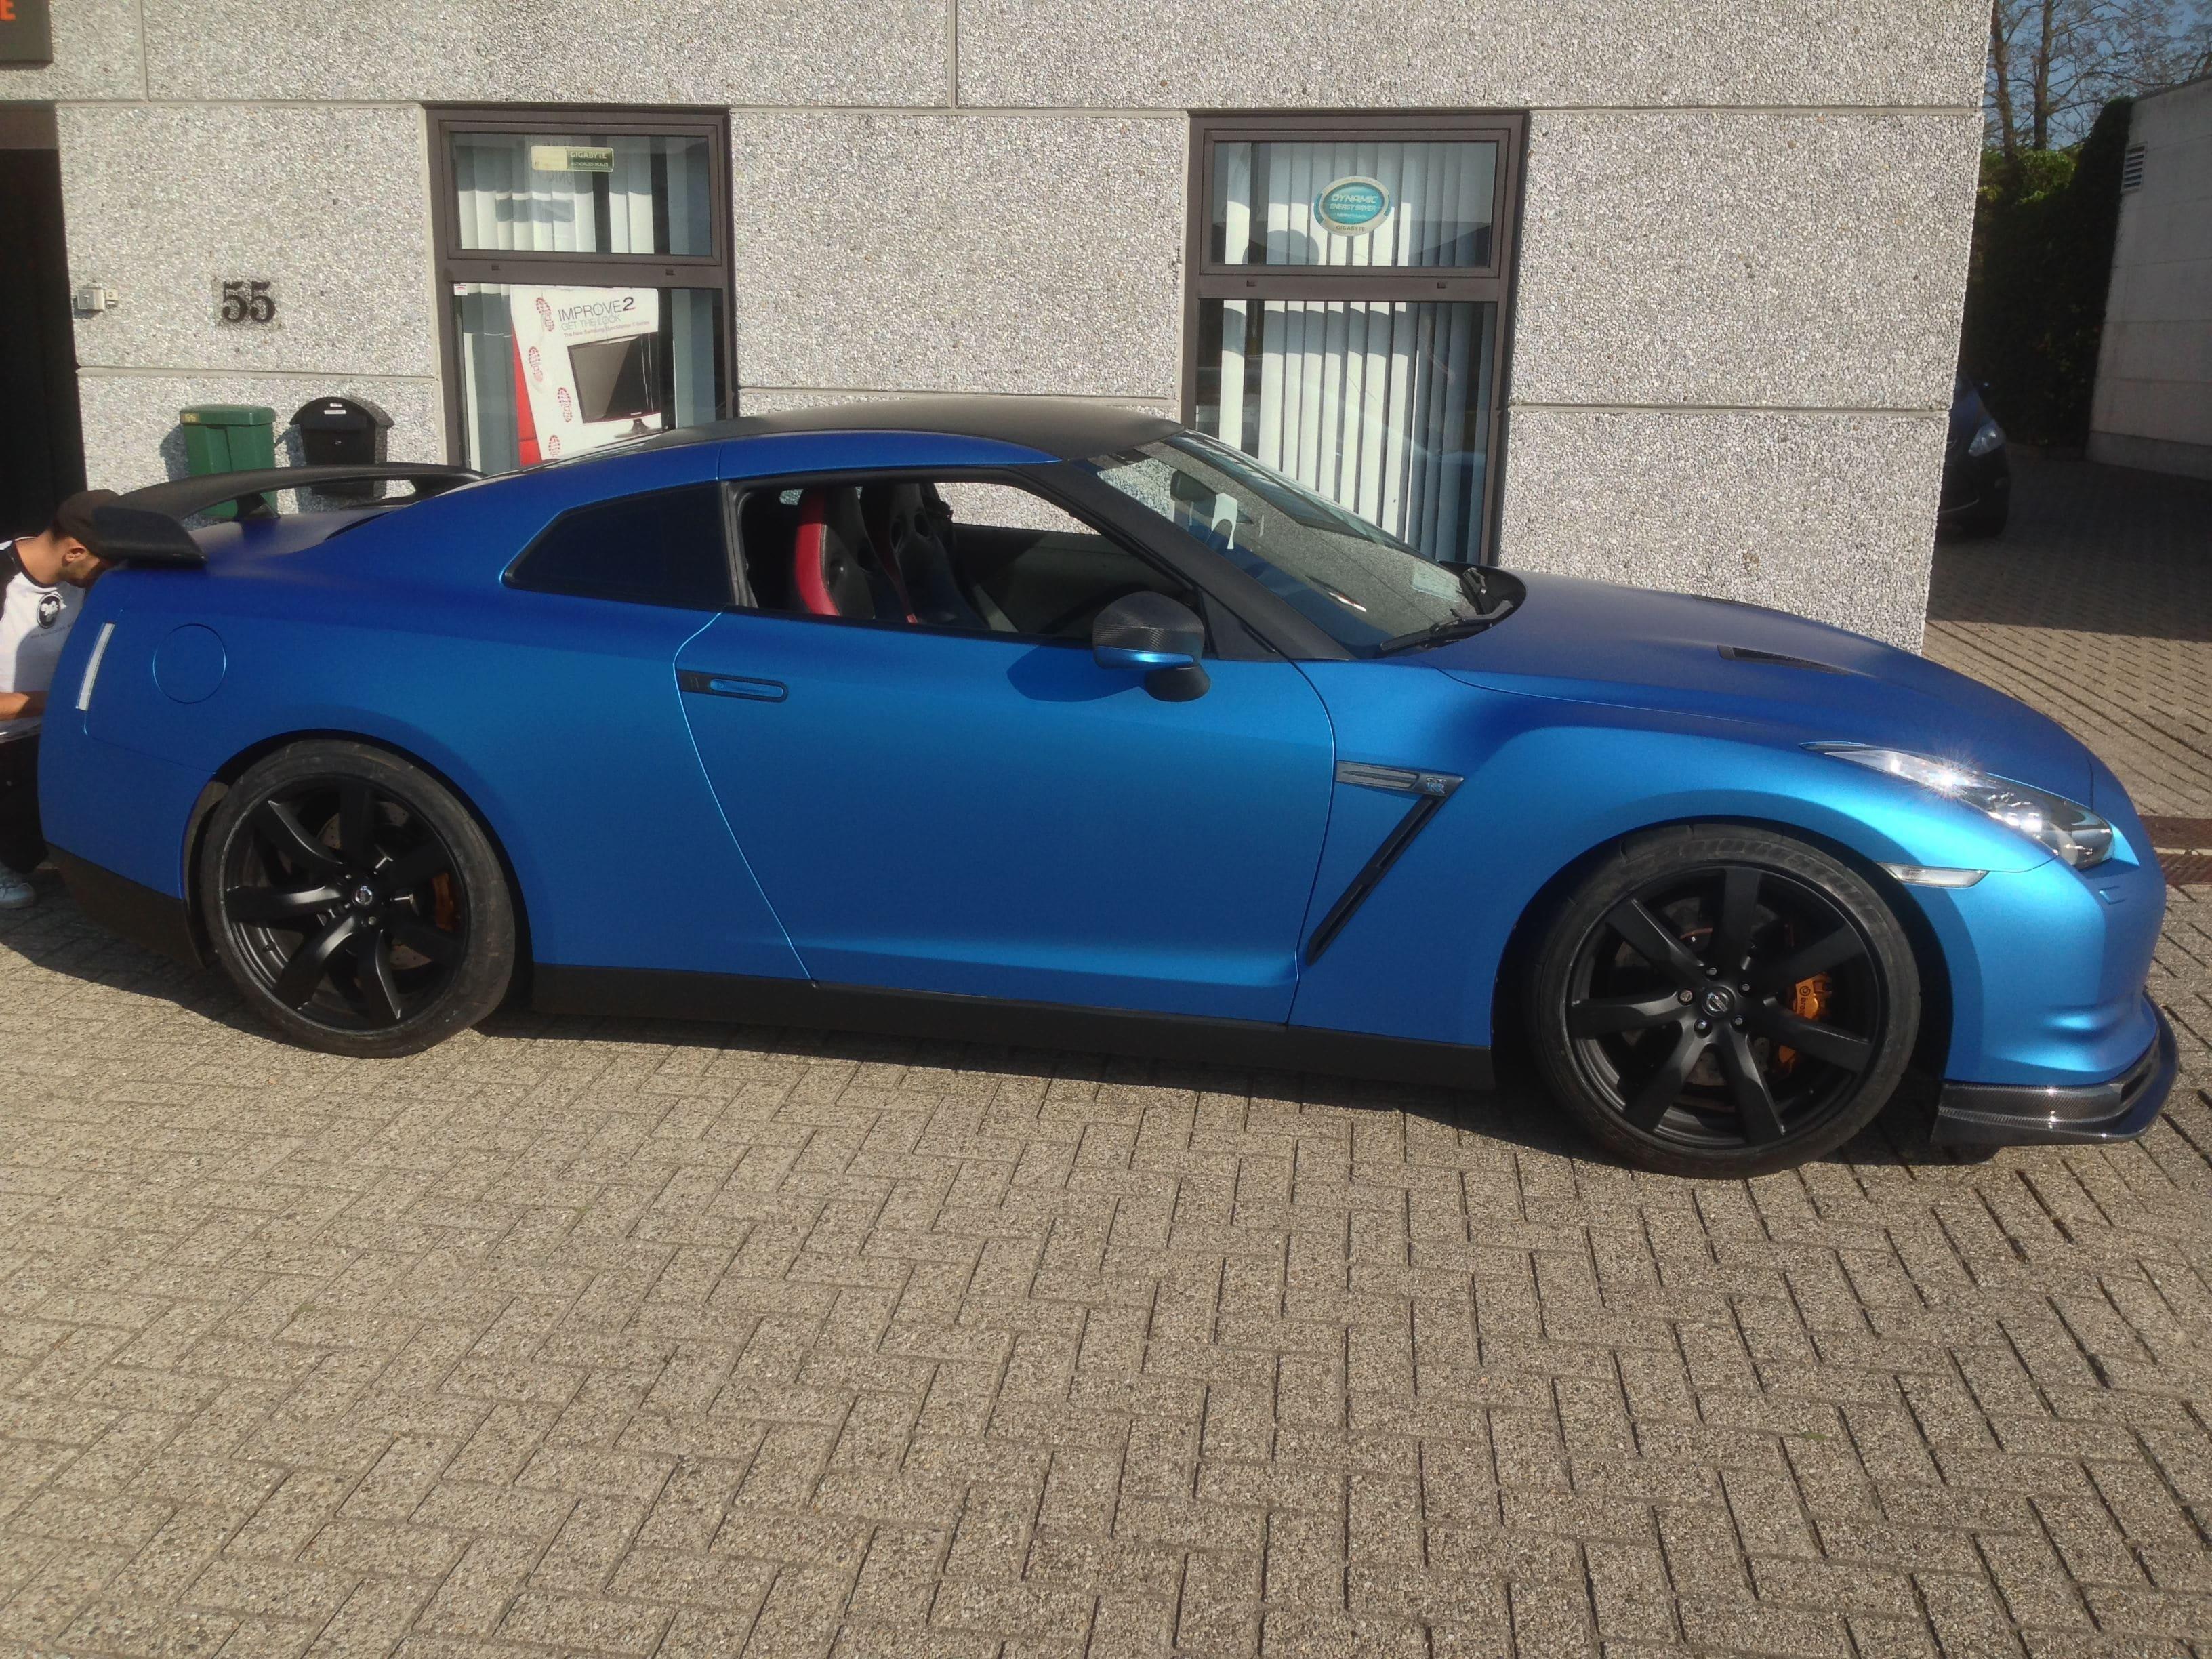 Nissan GT-R in Mat Blauwe Wrap, Carwrapping door Wrapmyride.nu Foto-nr:6535, ©2020